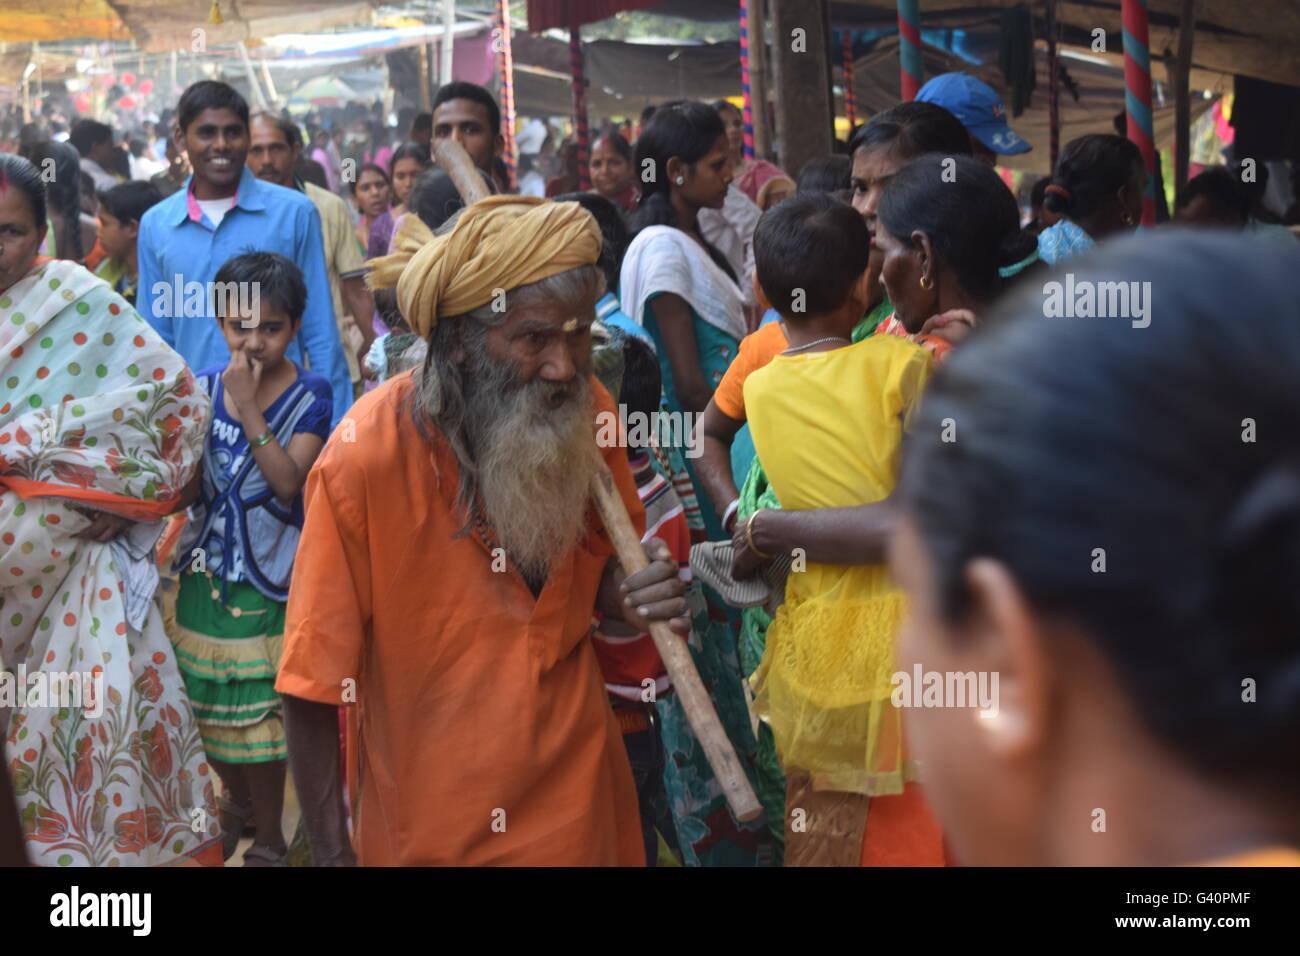 An Indian Old Sadhu Baba. - Stock Image